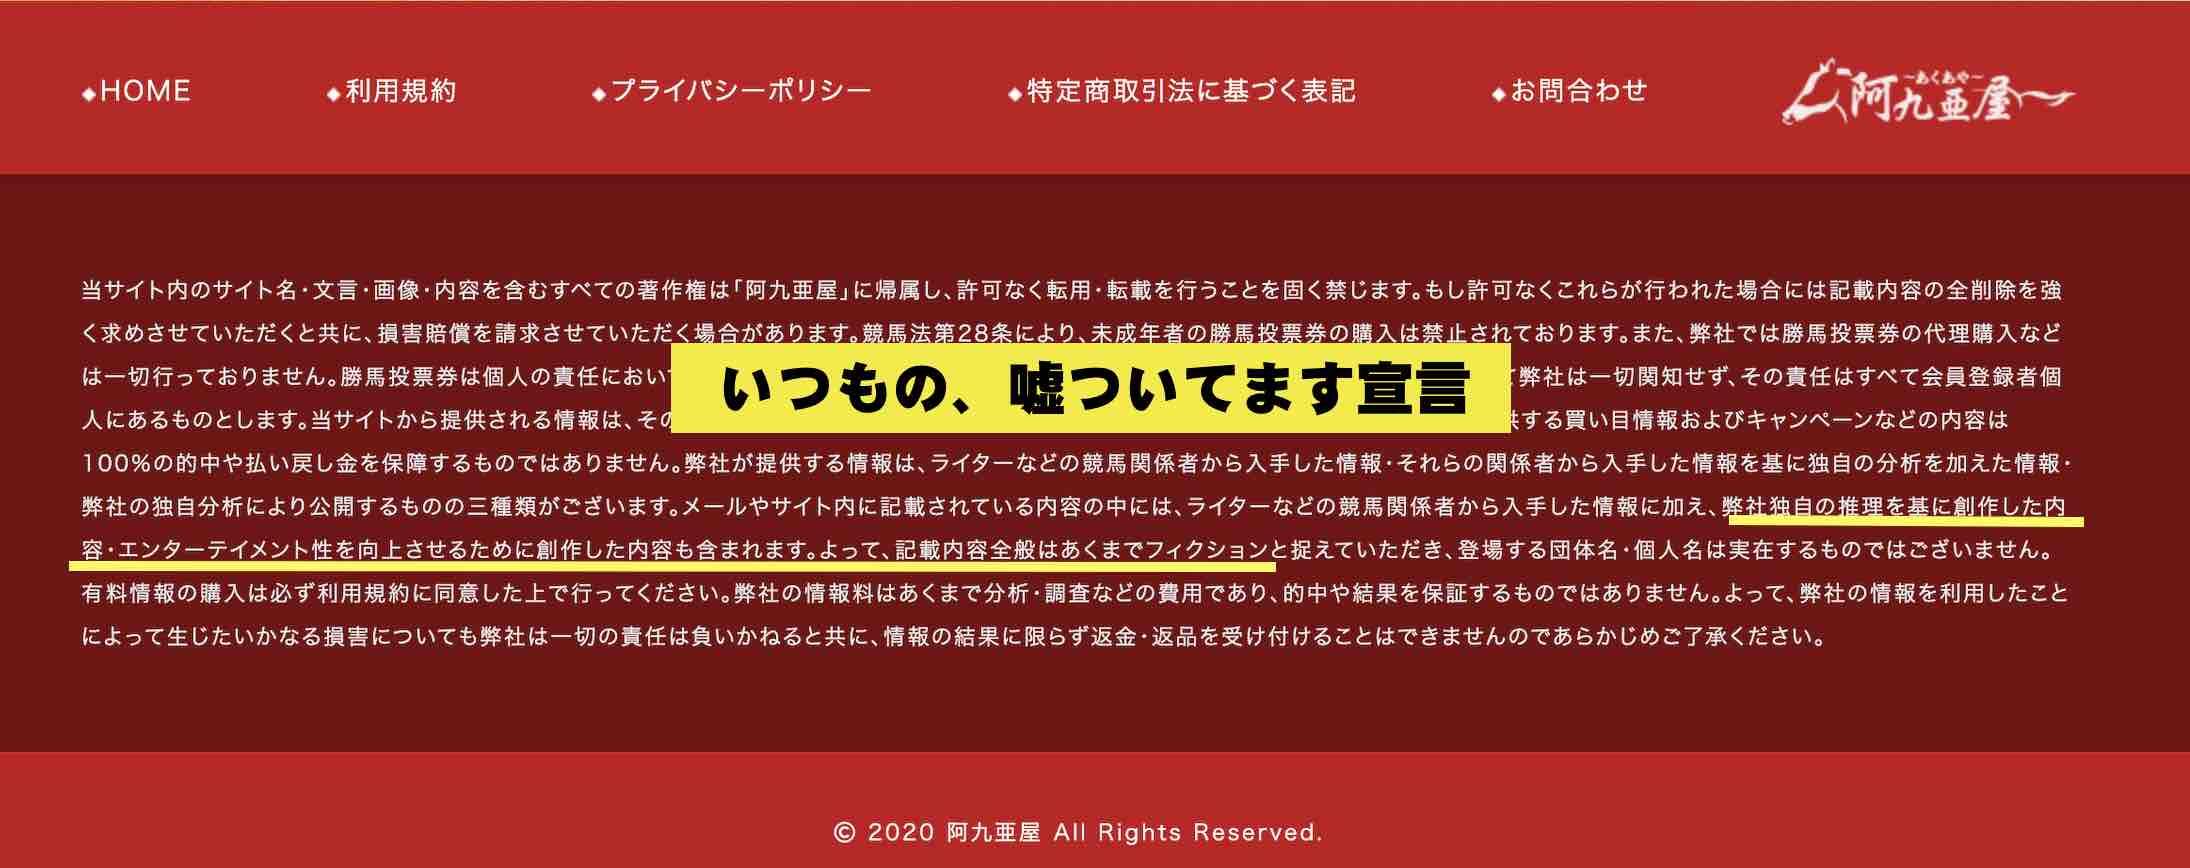 阿九亜屋という競馬予想サイトの嘘つき宣言